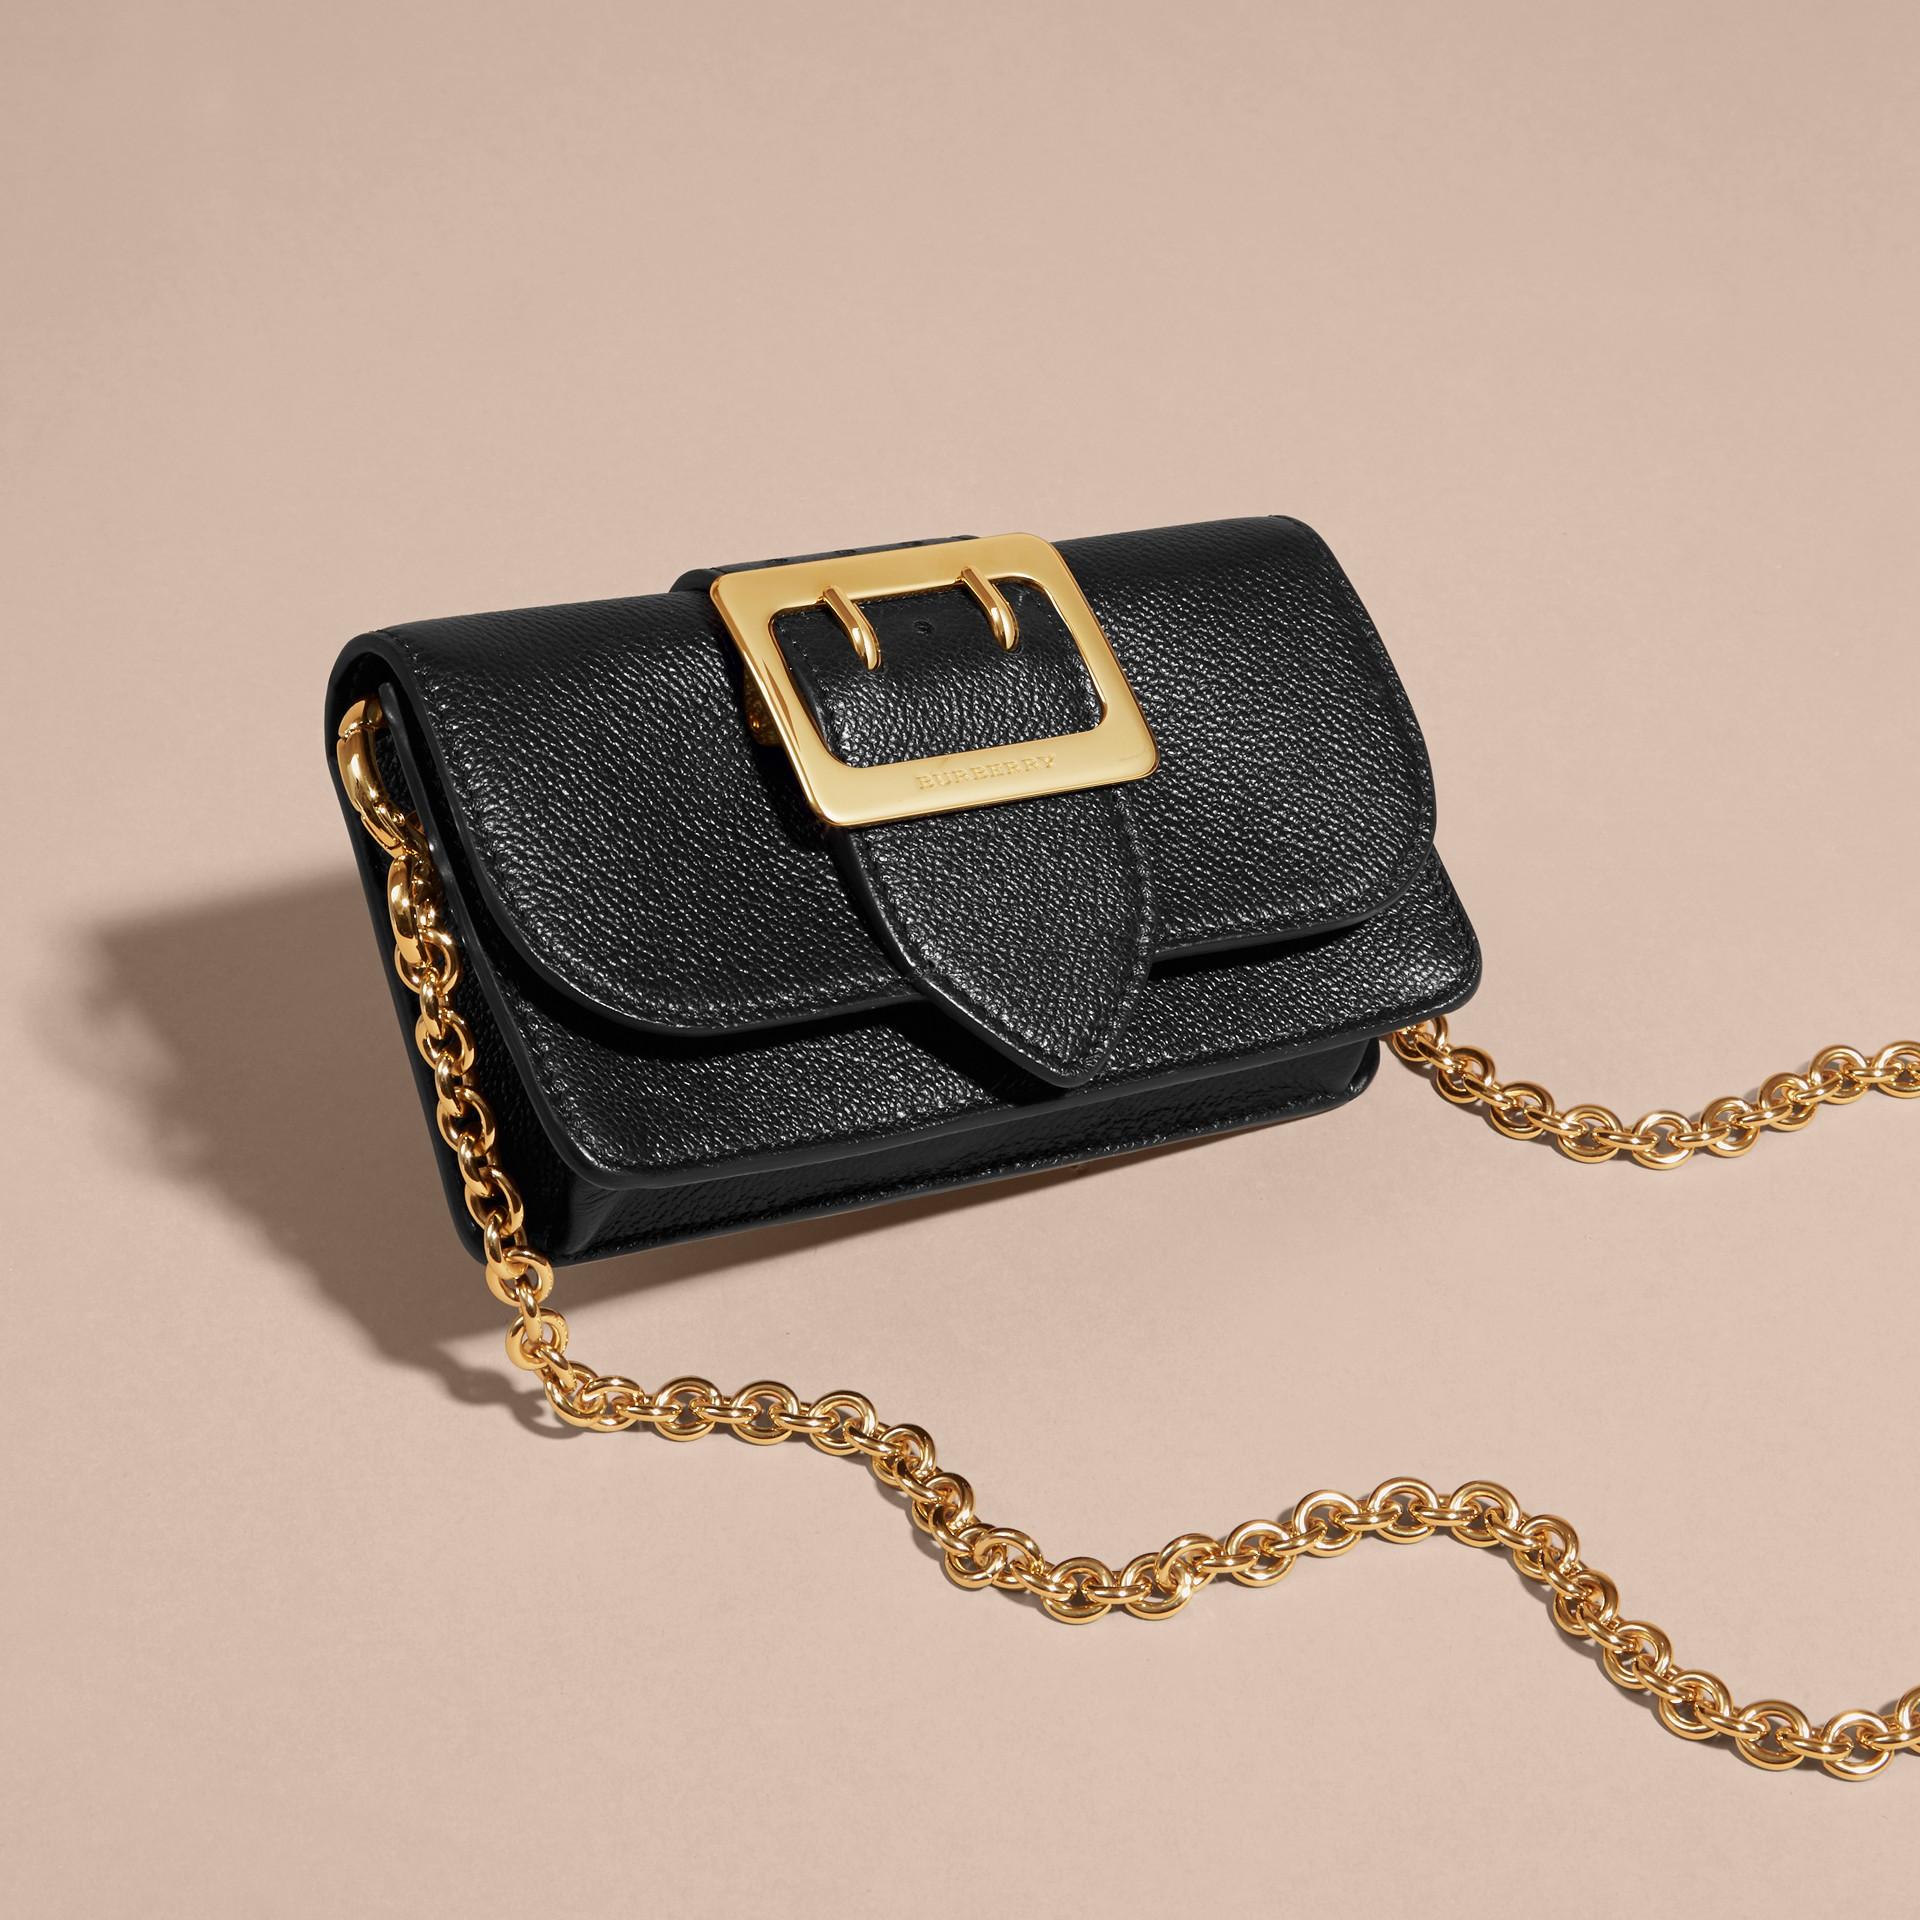 Noir Mini sac The Buckle en cuir grainé Noir - photo de la galerie 6